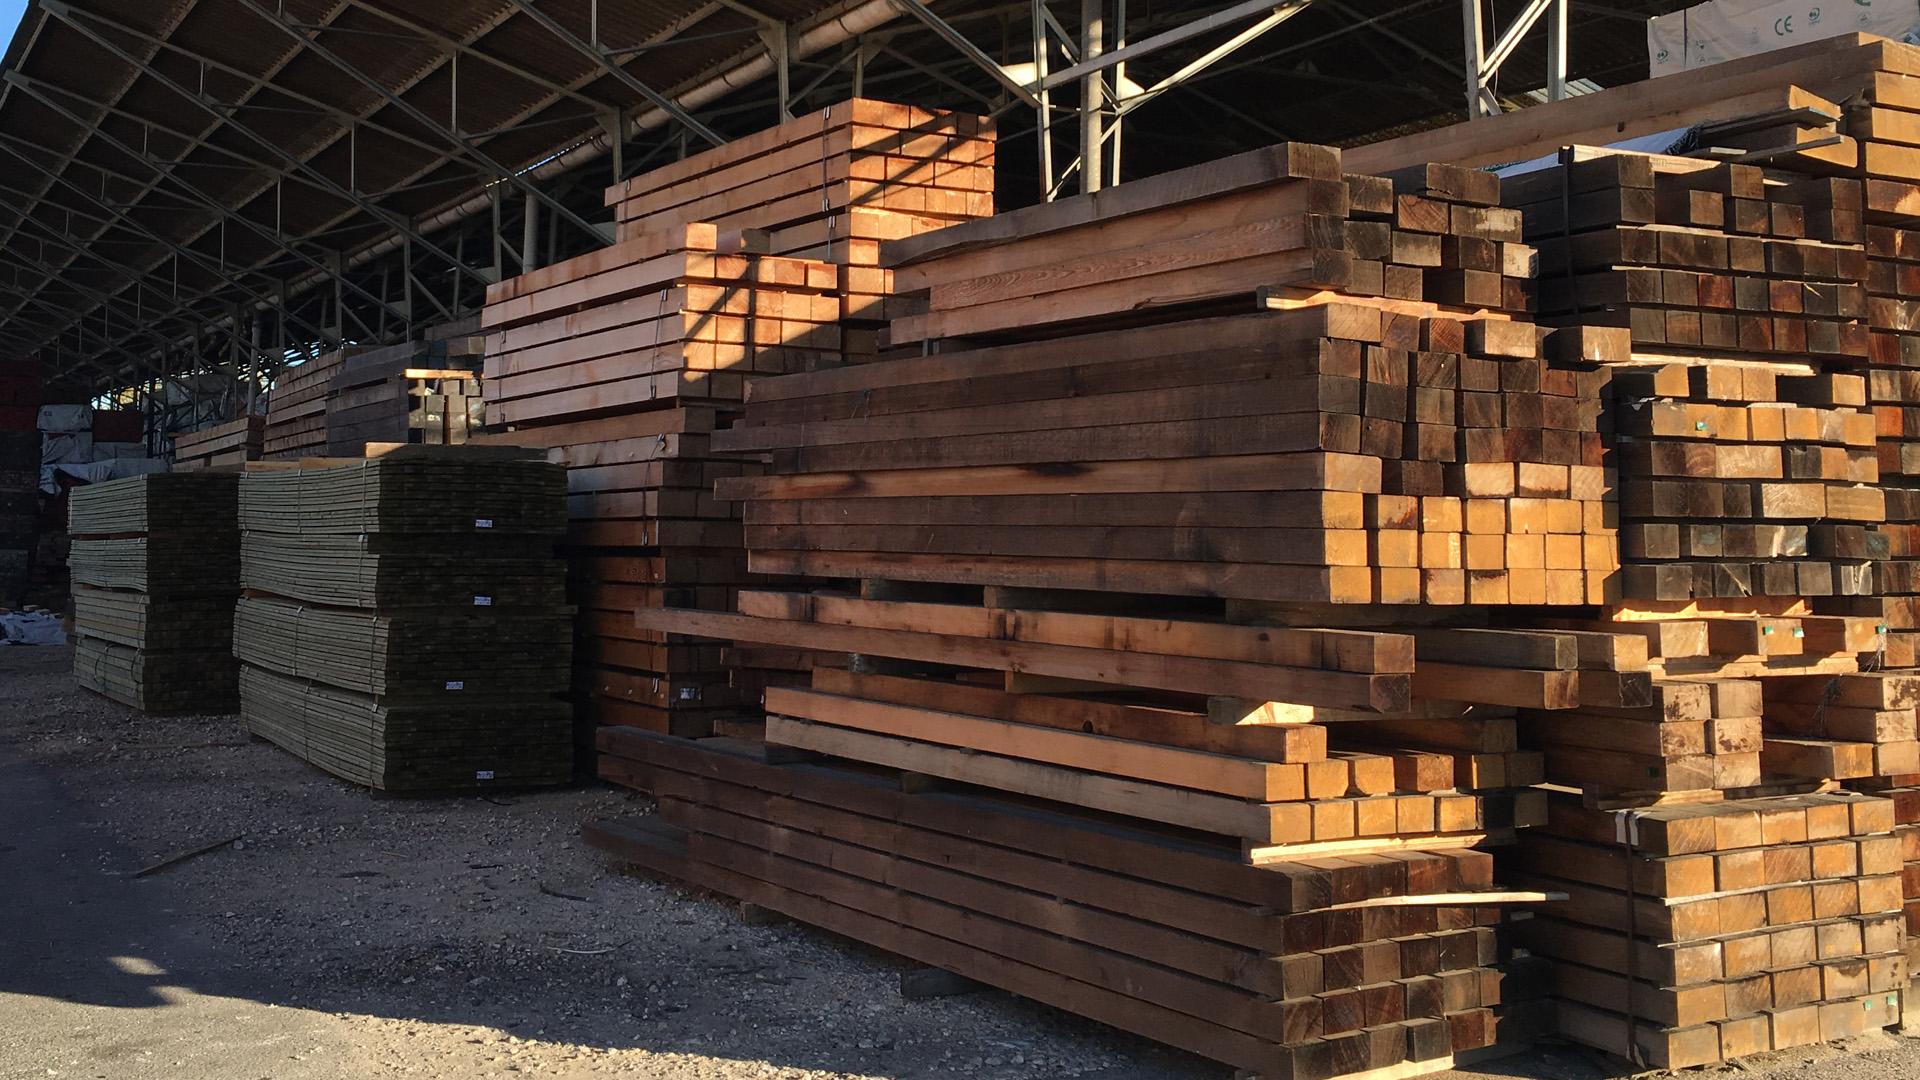 Almacen madera madrid materiales de construcci n para la reparaci n - Carpinteria de madera madrid ...